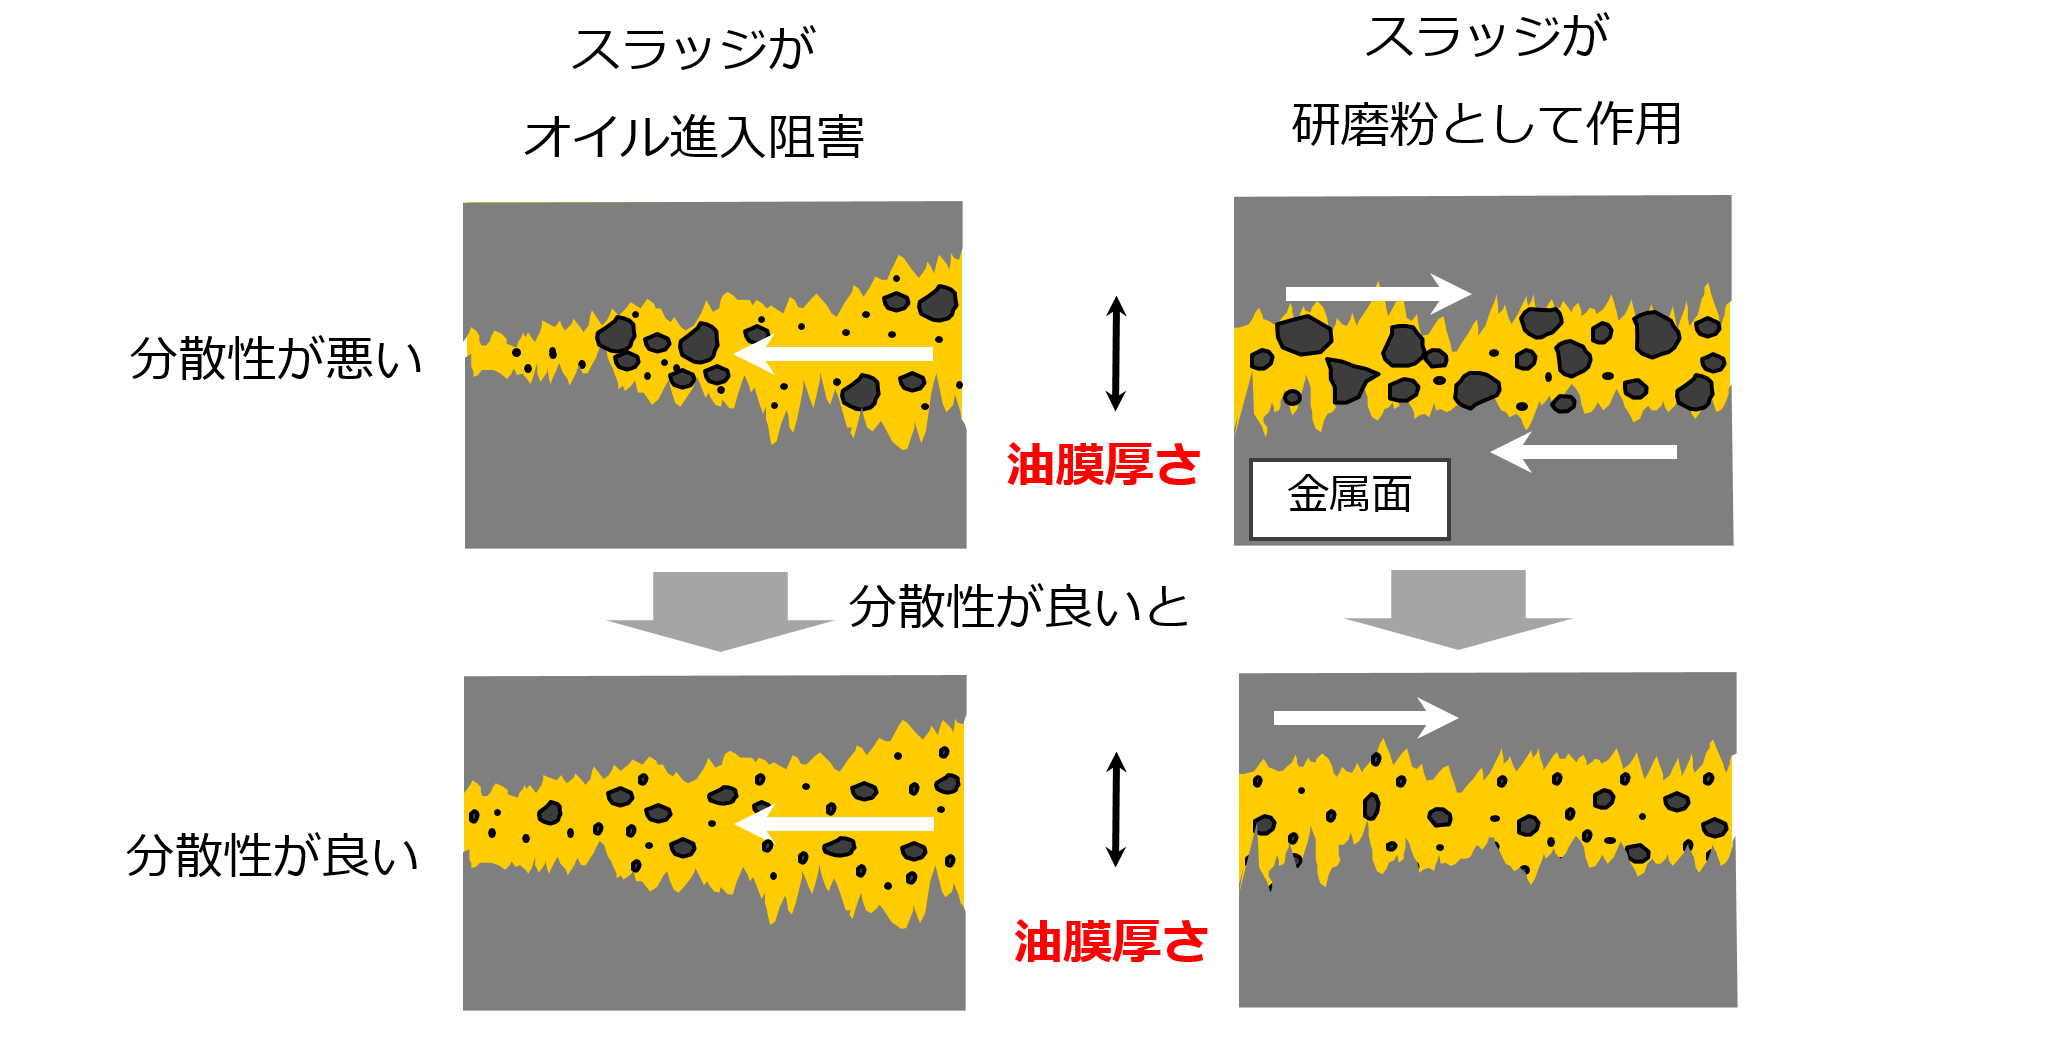 オイル中のスラッジが研磨剤となり、金属表面を摩耗させている画像です